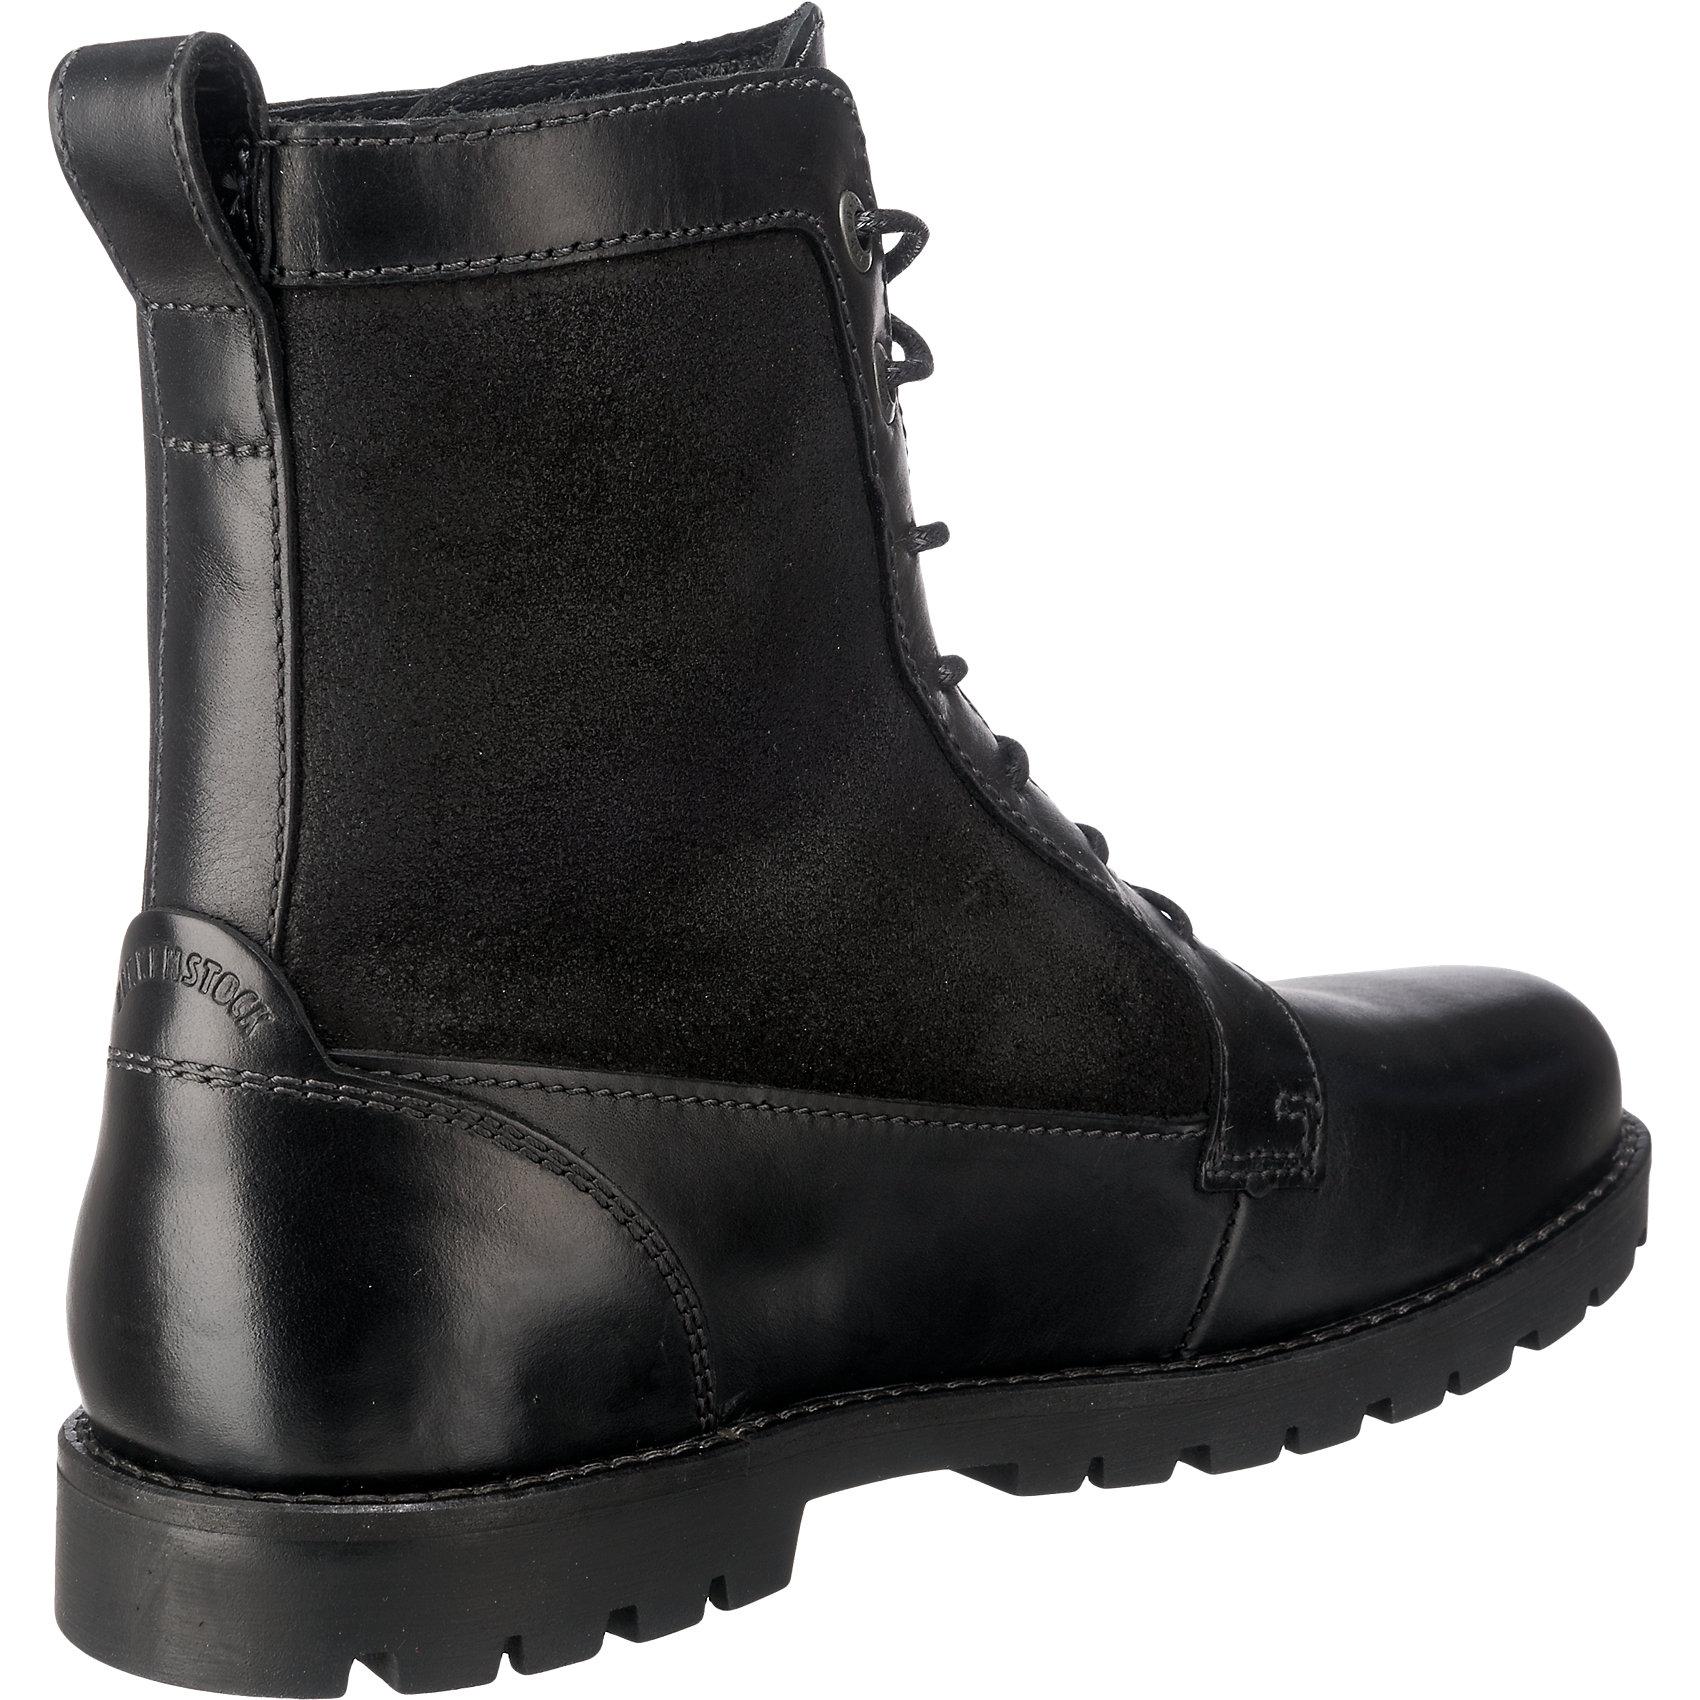 Neu BIRKENSTOCK Gilford WEIT Stiefeletten 5762643 für Damen schwarz